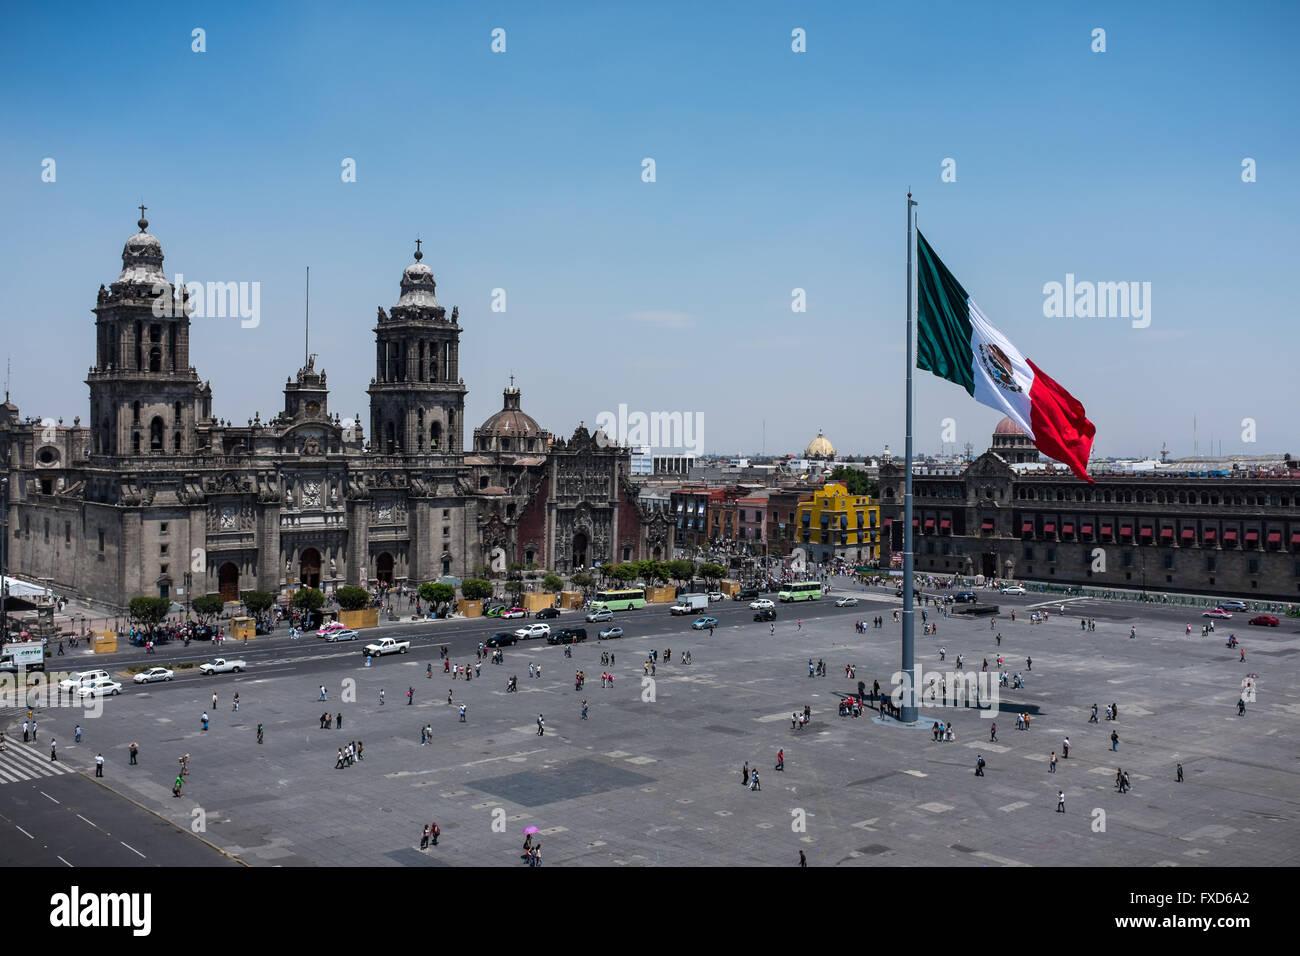 Plaza de la Constitución (Zócalo and Cathedral) in Mexico City - Stock Image